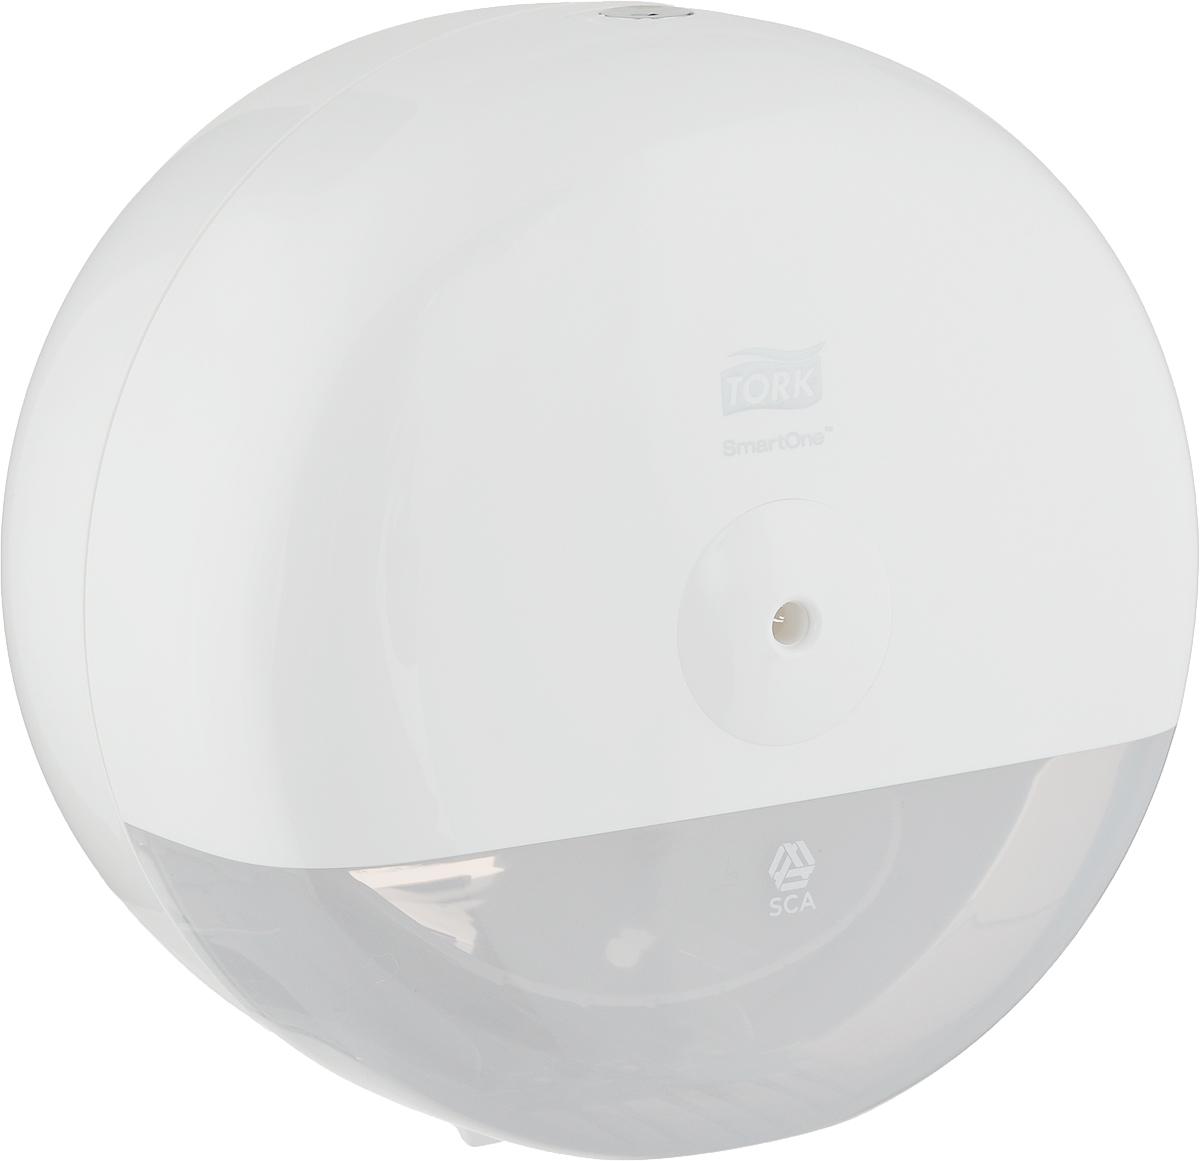 Диспенсер для туалетной бумаги Tork SmartOne, цвет: белый. 681000